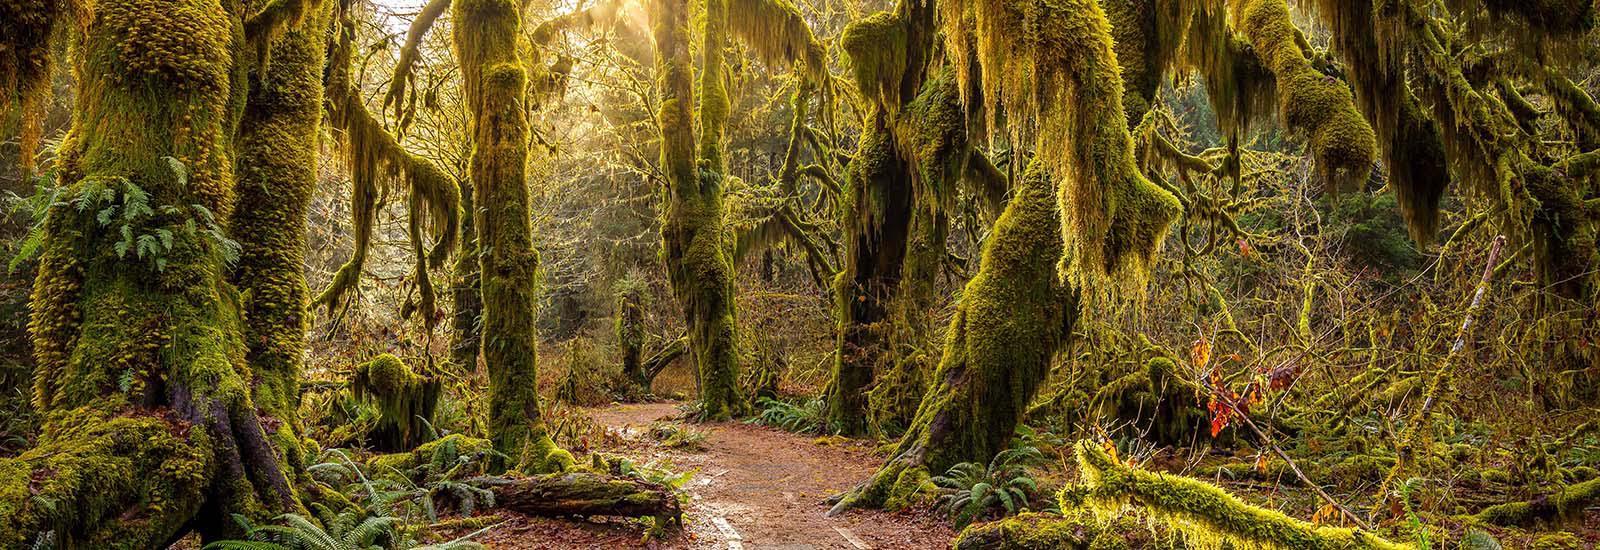 Hoh Rain forrest moss